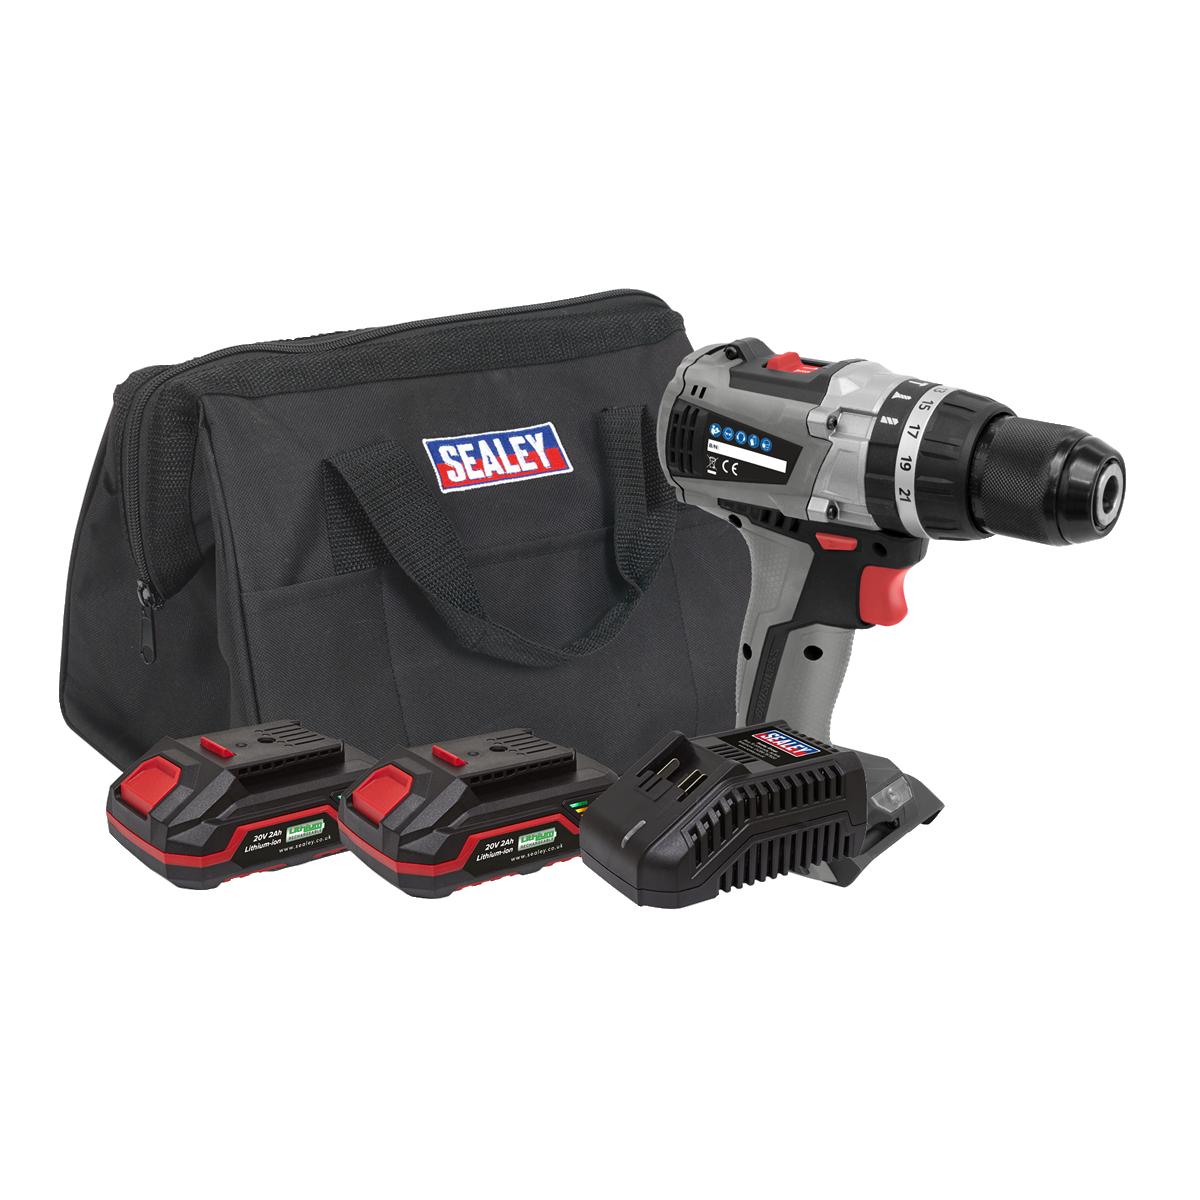 Brushless Hammer Drill/Driver Kit Ø13mm 20V - 2 Batteries